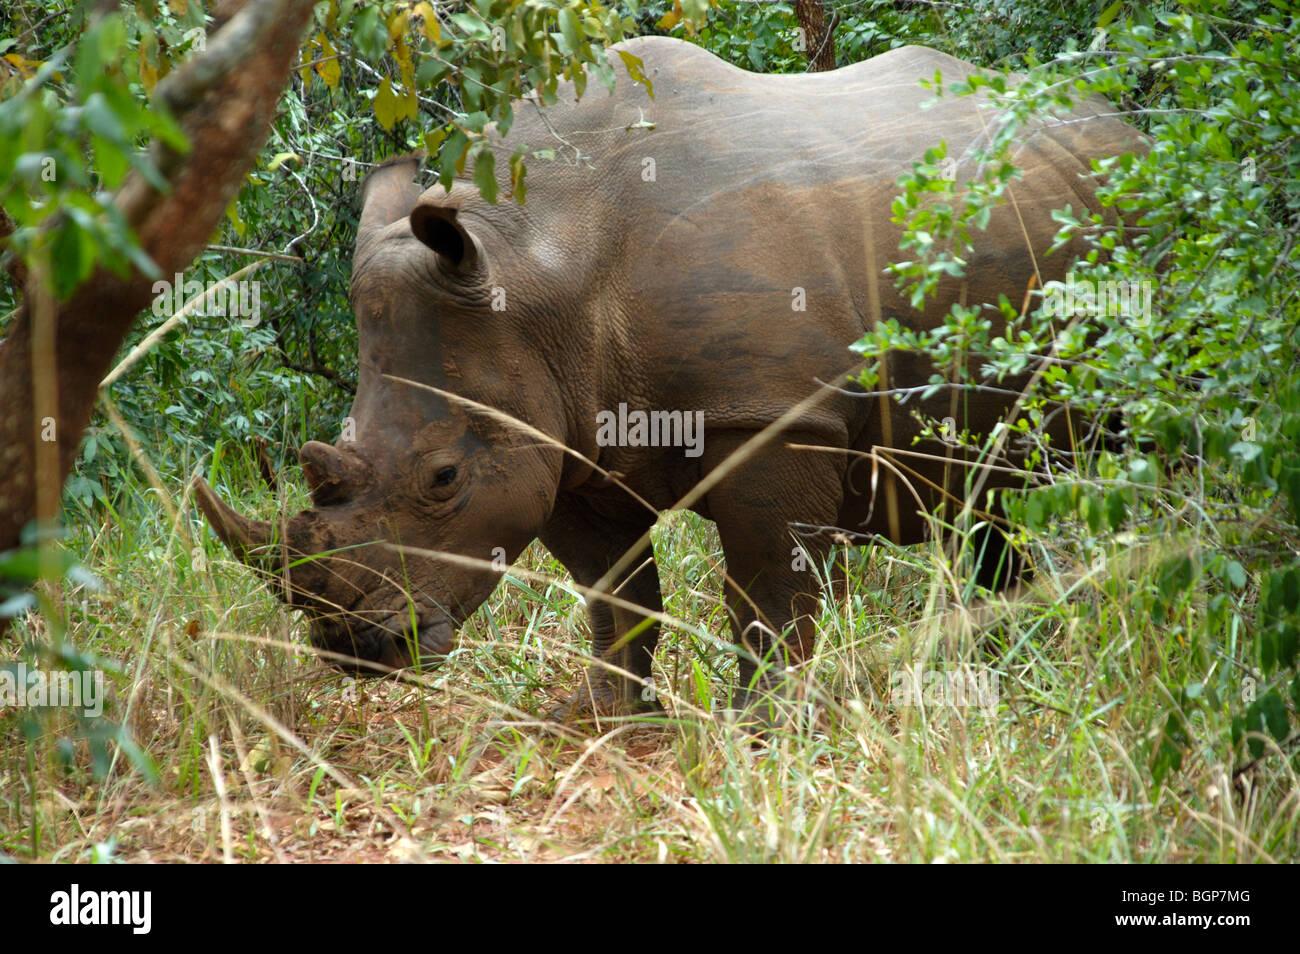 Rhino in the wild at a  Ugandan Rhino sanctuary Africa - Stock Image